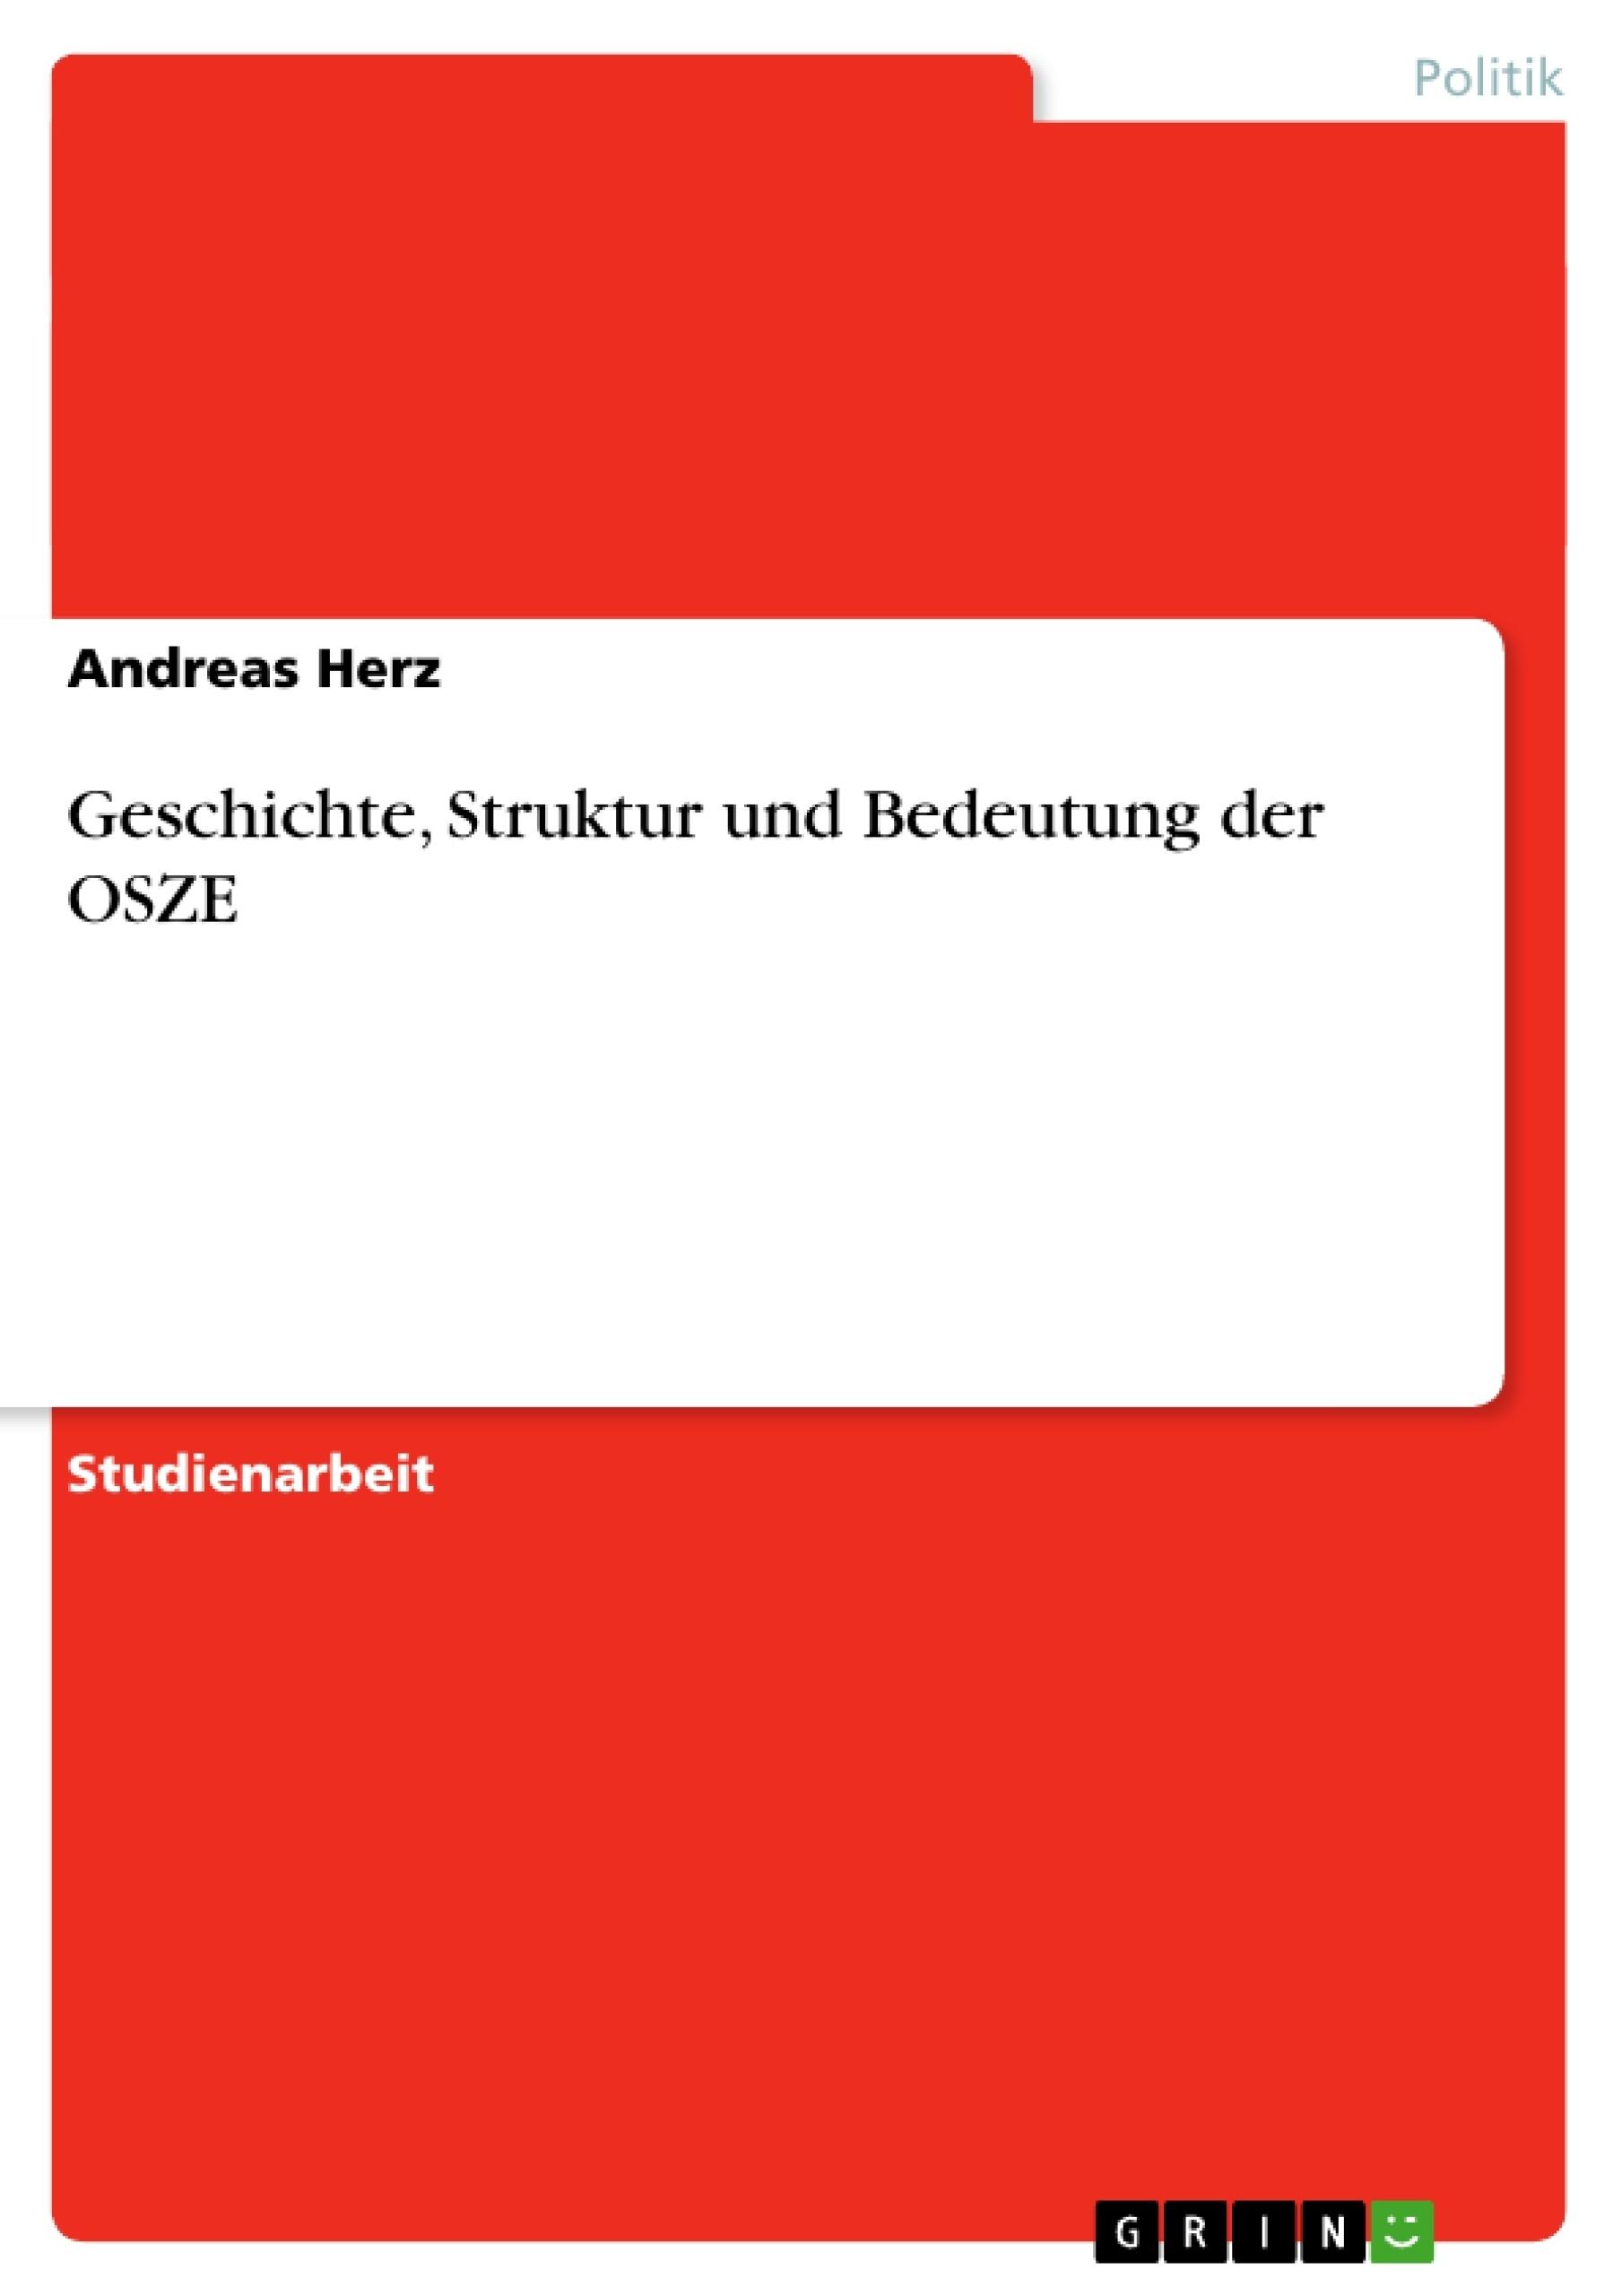 Titel: Geschichte, Struktur und Bedeutung der OSZE